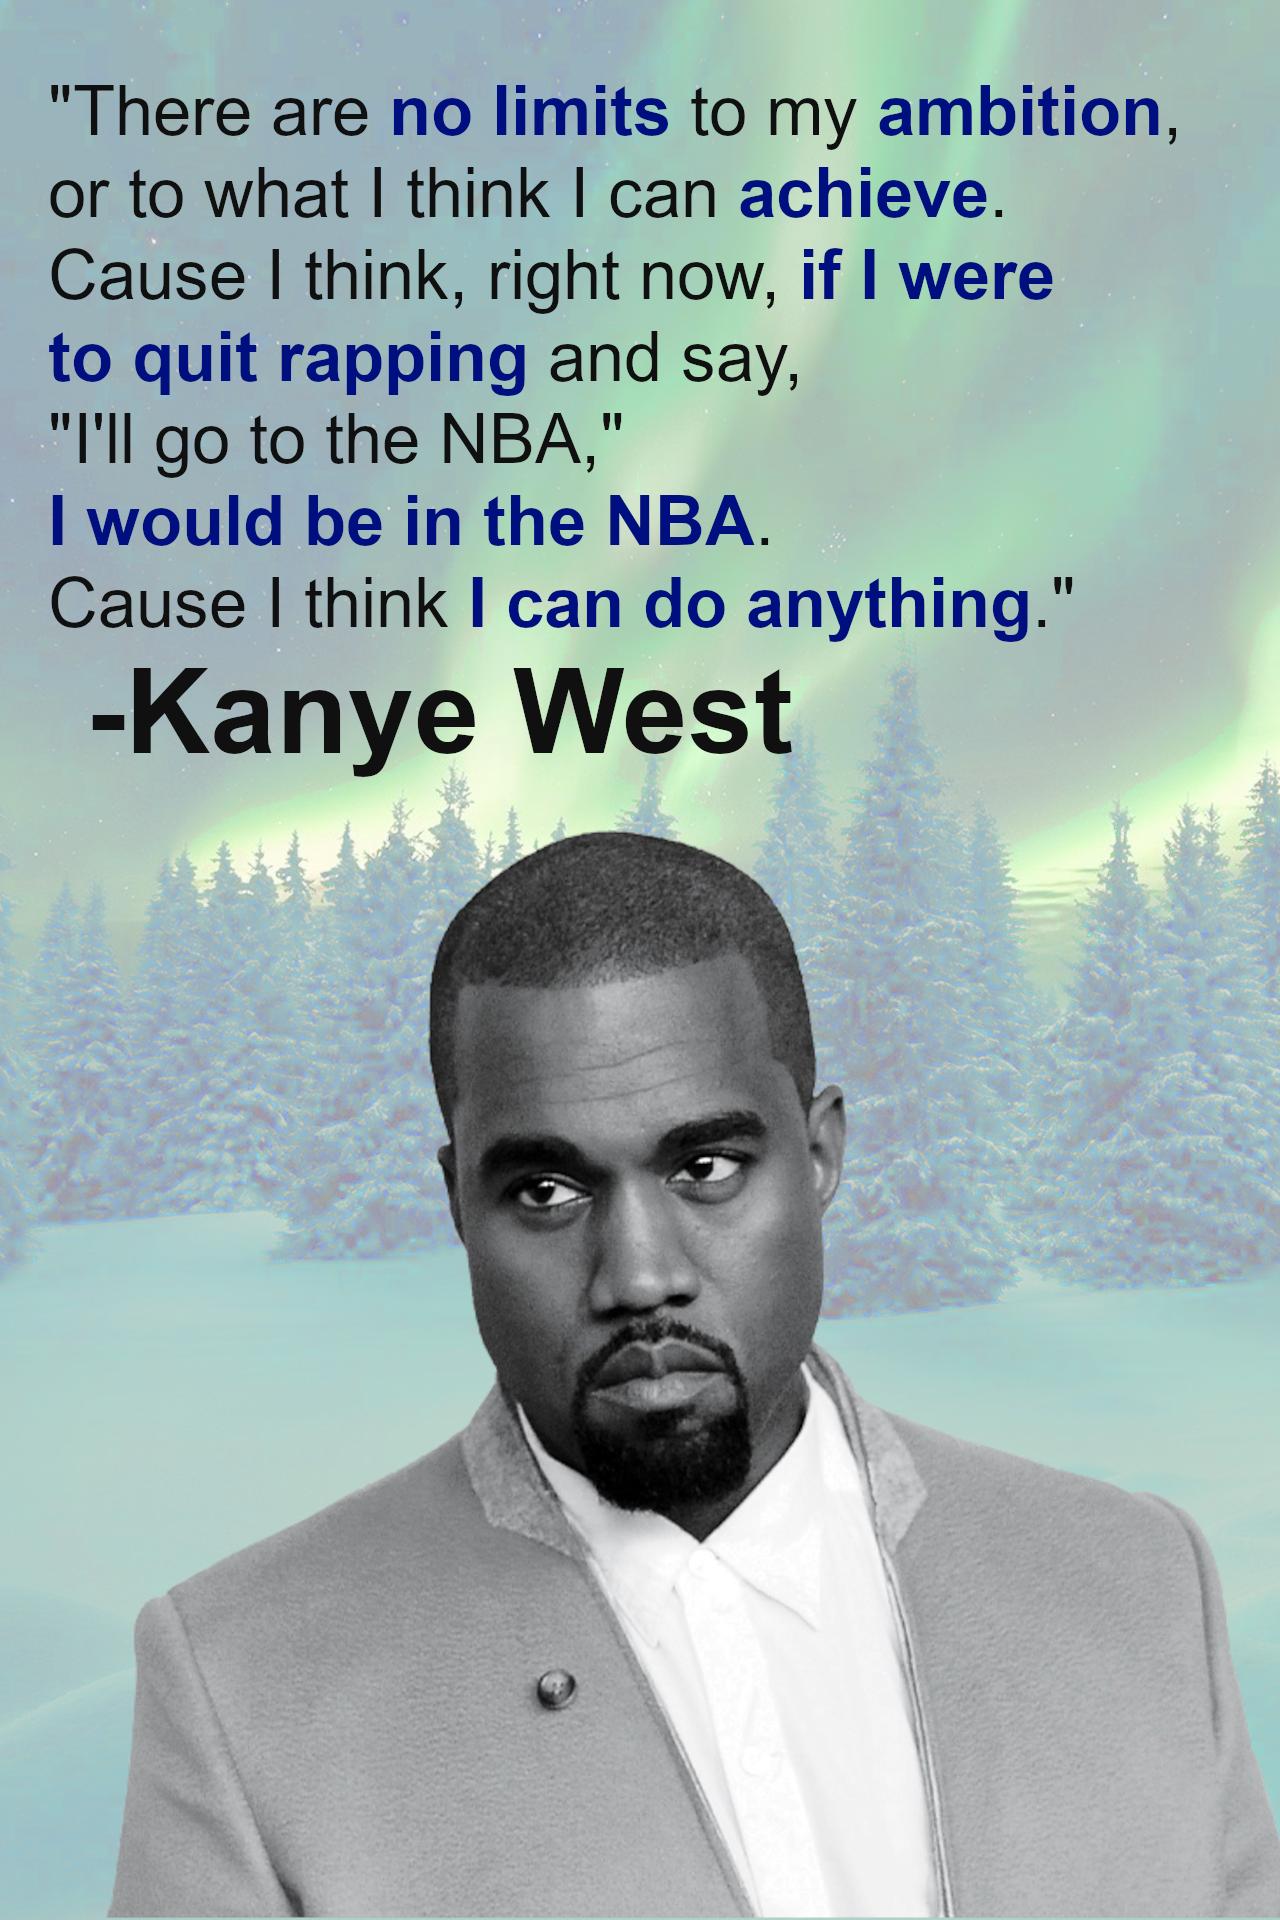 Kanye West on Ambition [Image]